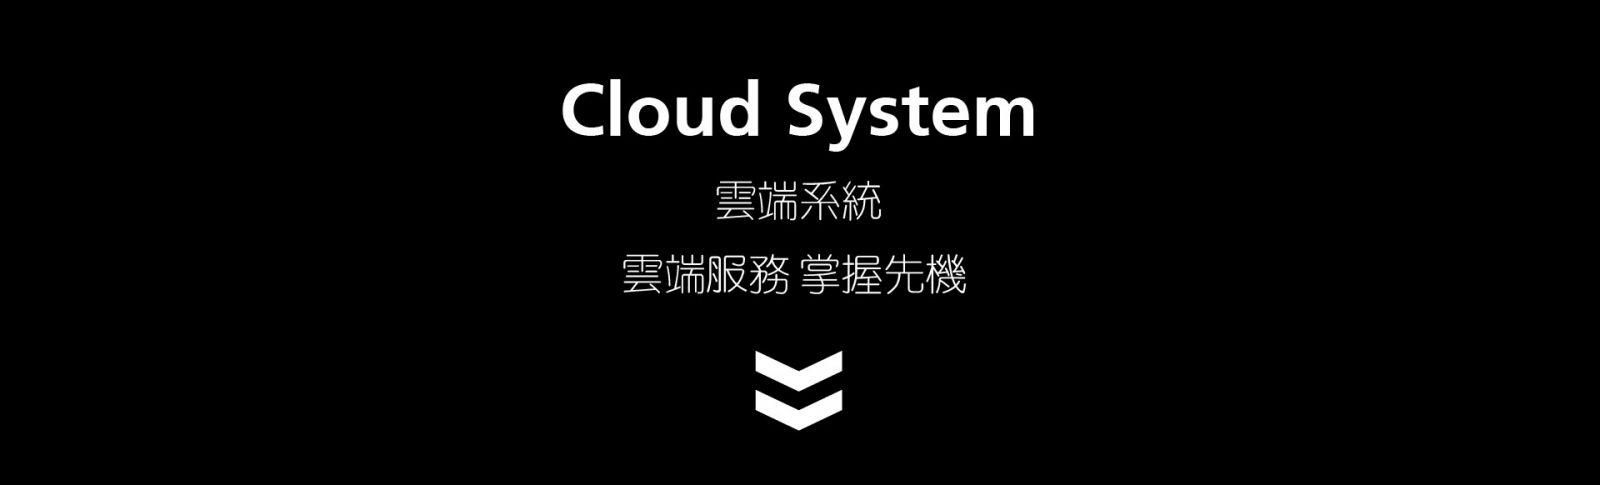 雲端系統Cloud System  雲端服務 掌握先機 系統安裝 / 最佳化 監控服務 / 資料備份備援 簡易操作平台 / 系統管理 企業必備的管理利器